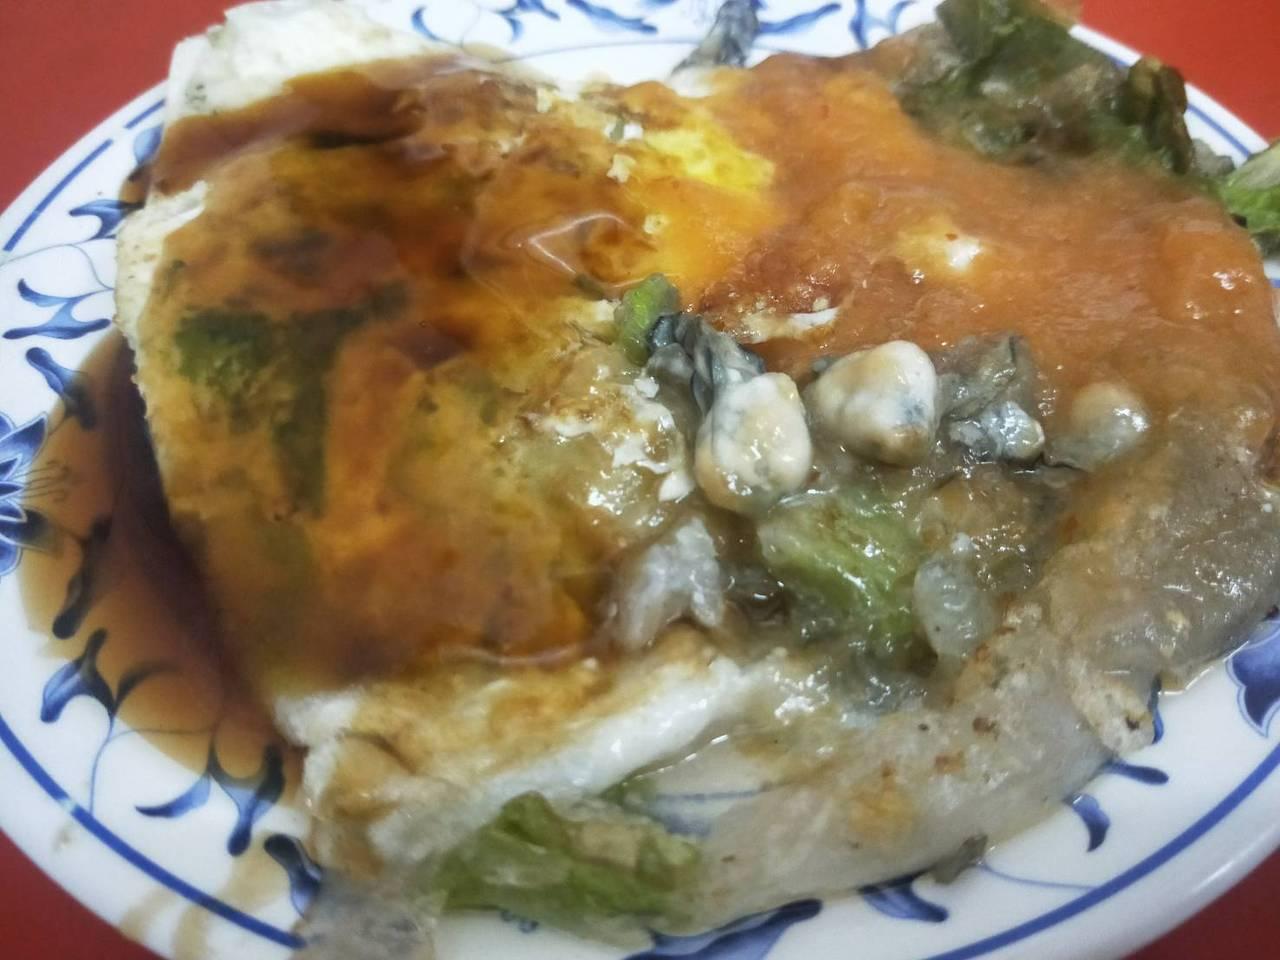 遠東蚵仔煎的蚵仔鮮甜多顆,吃起來味美。 圖/游明煌 攝影